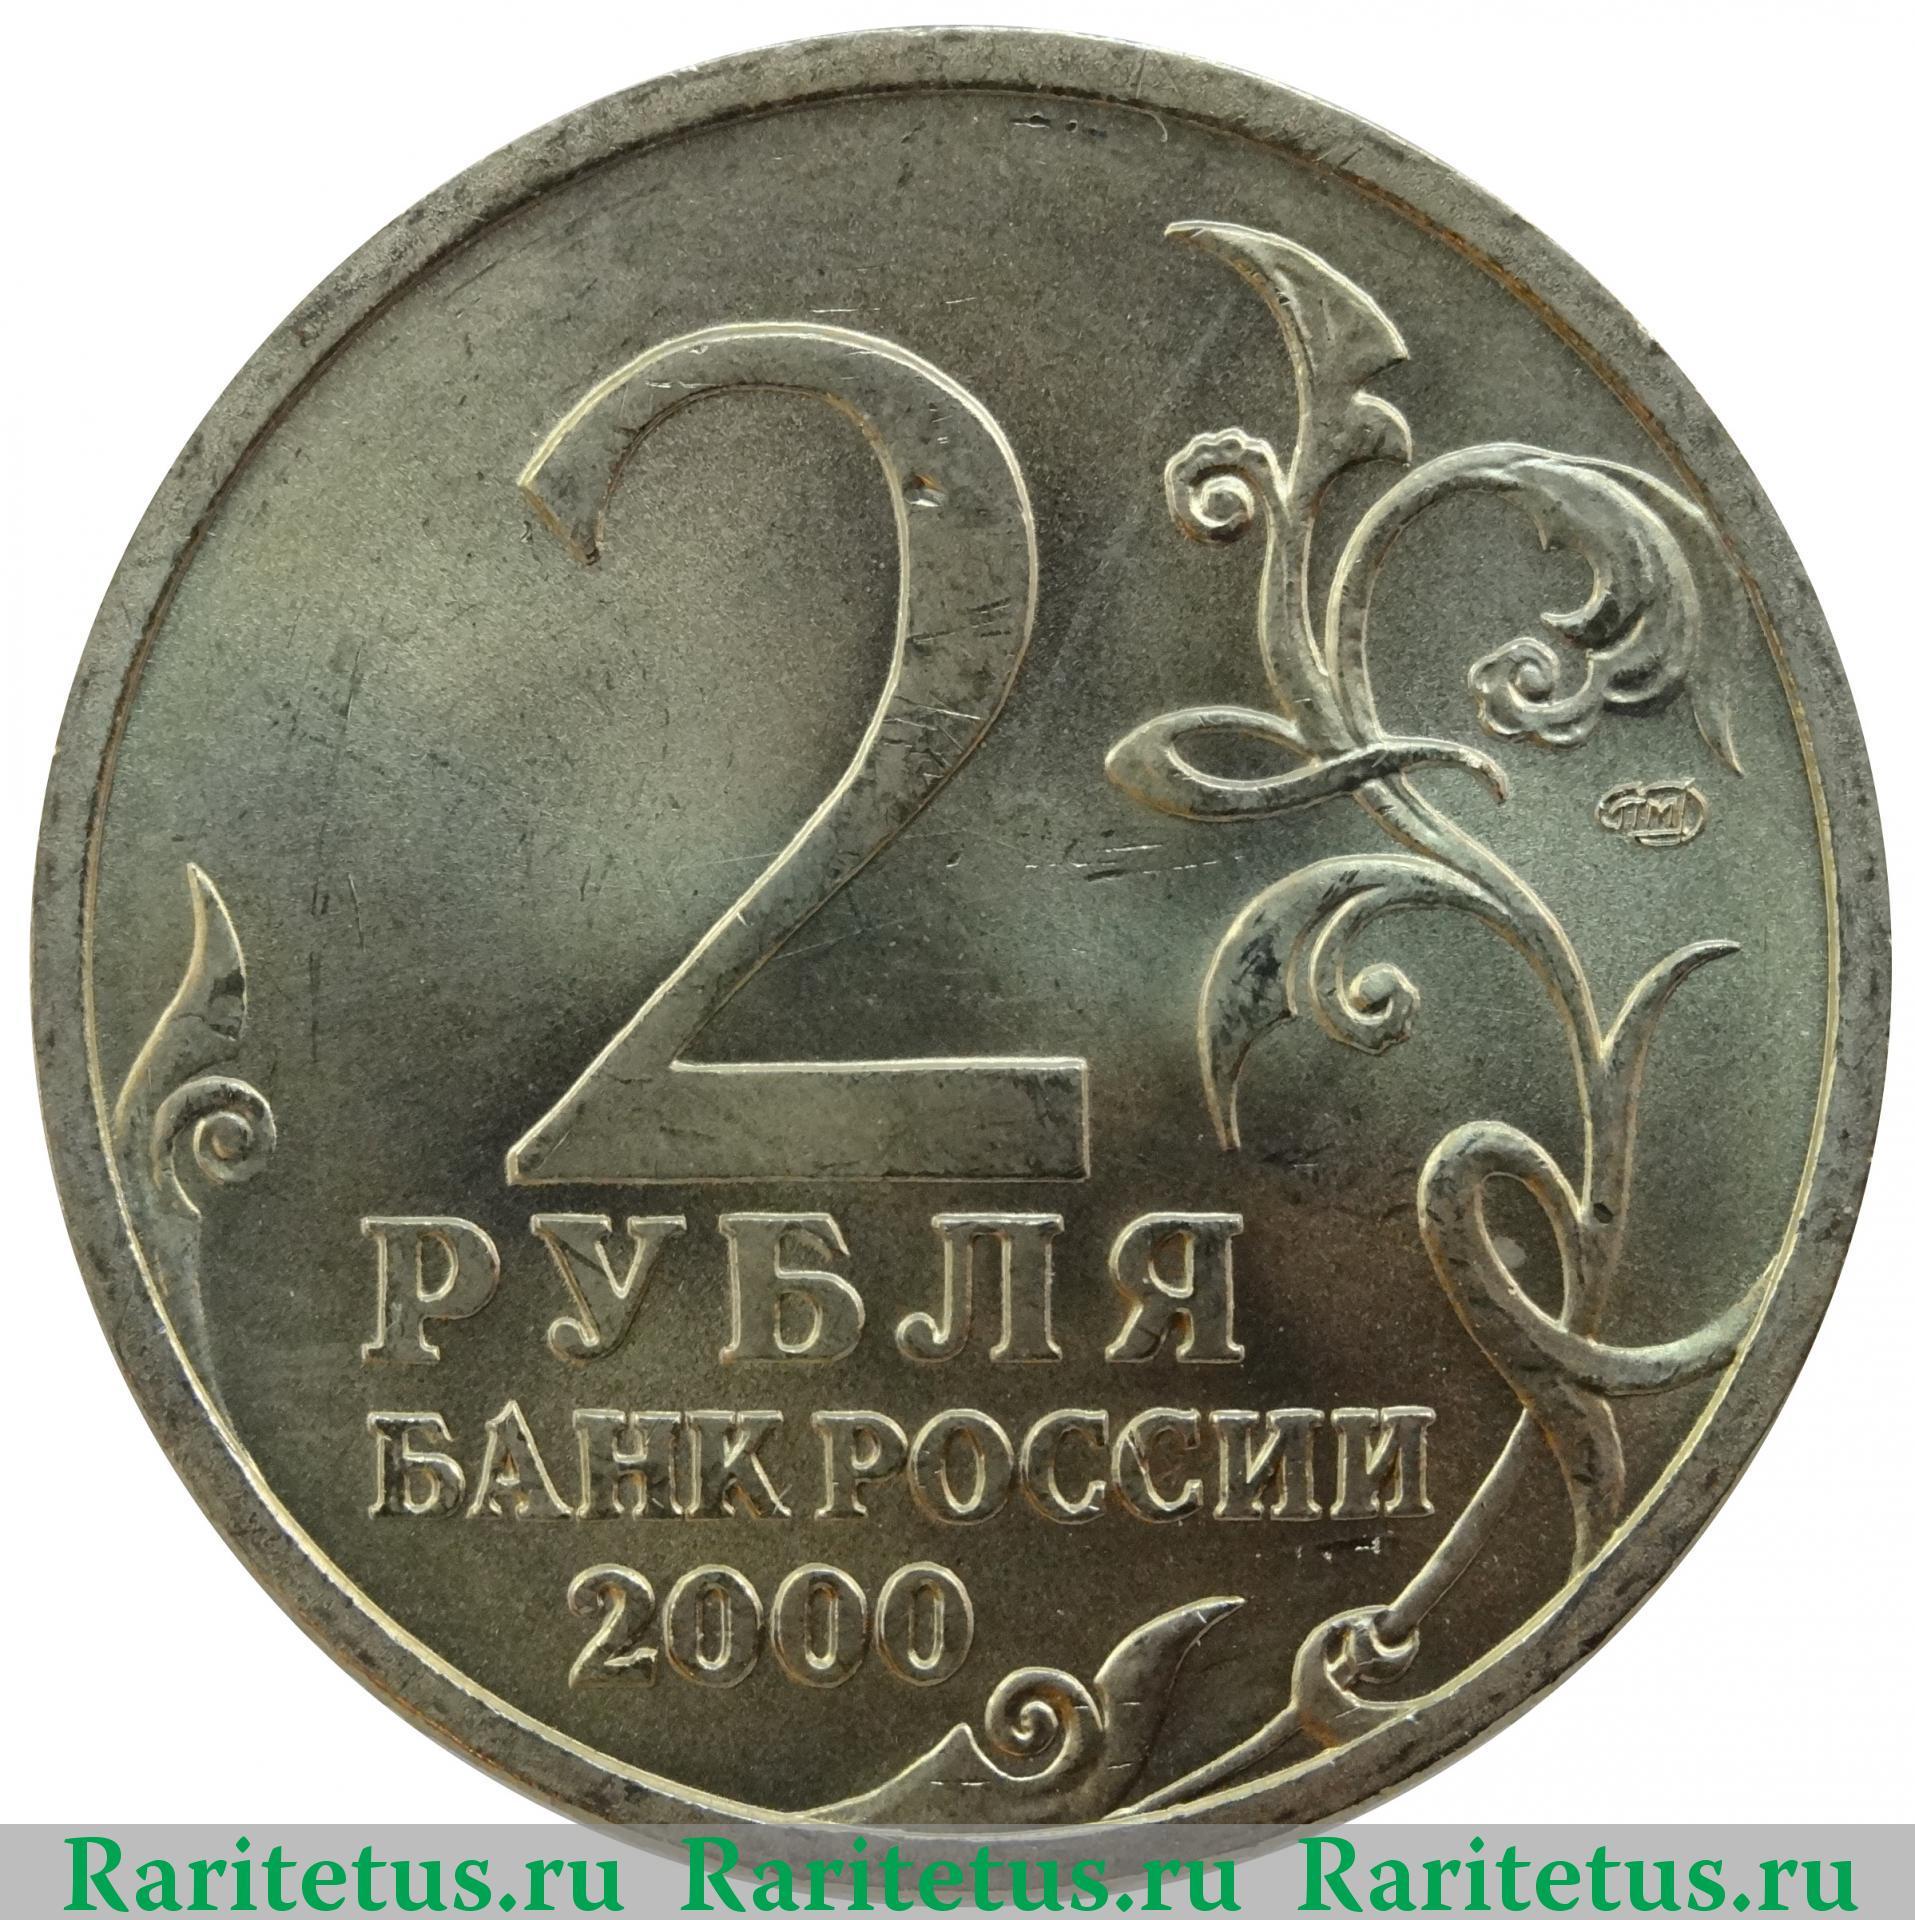 Монета мурманск 2 рубля 2000 года [PUNIQRANDLINE-(au-dating-names.txt) 61